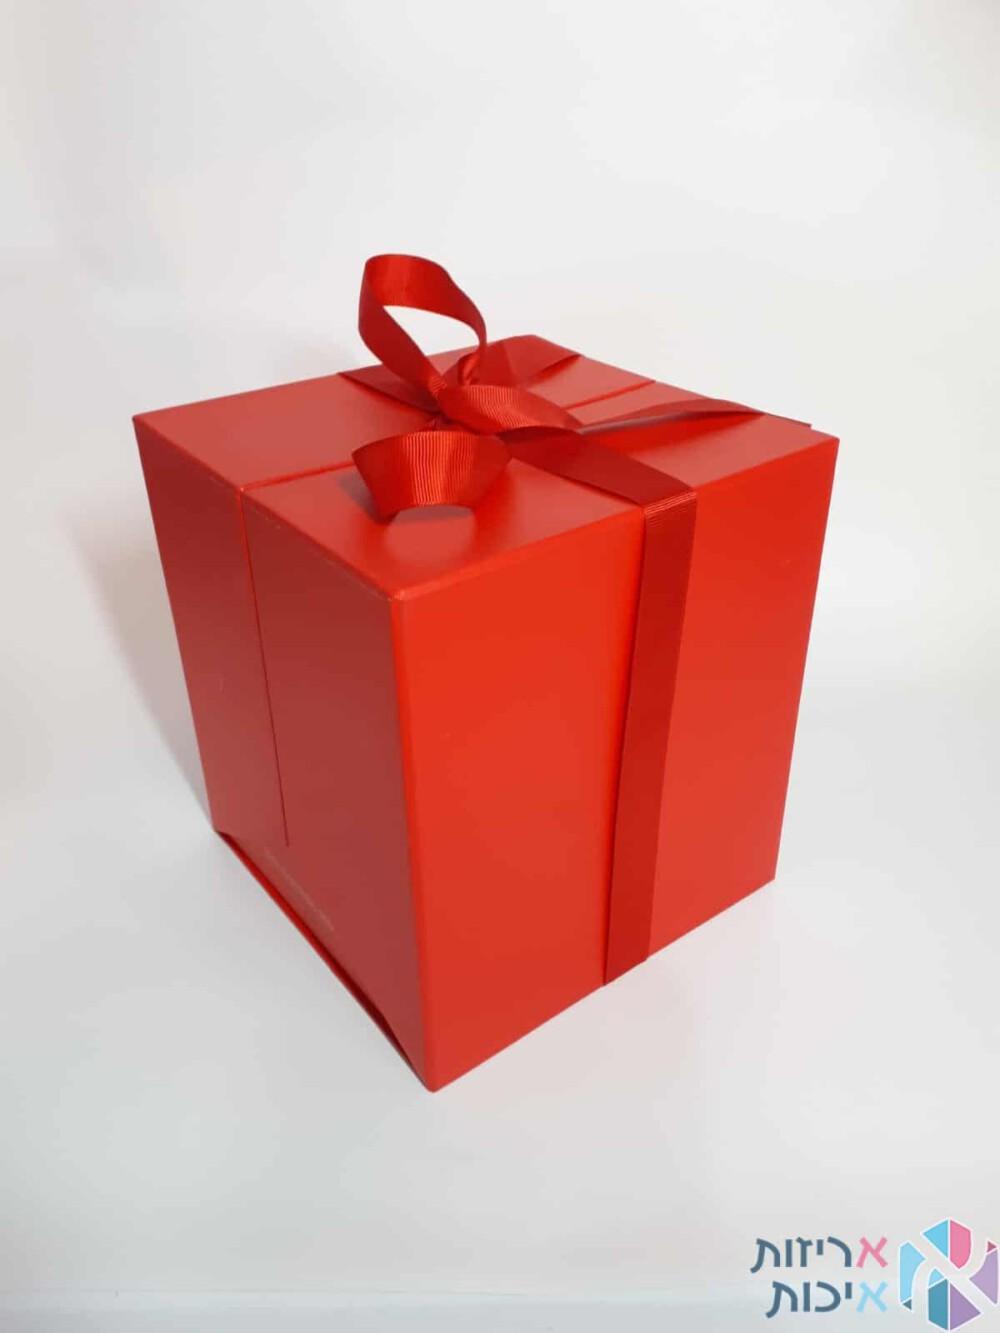 קופסאות לפרחים - קופסאות הפתעה נפתחות קשירת סרט